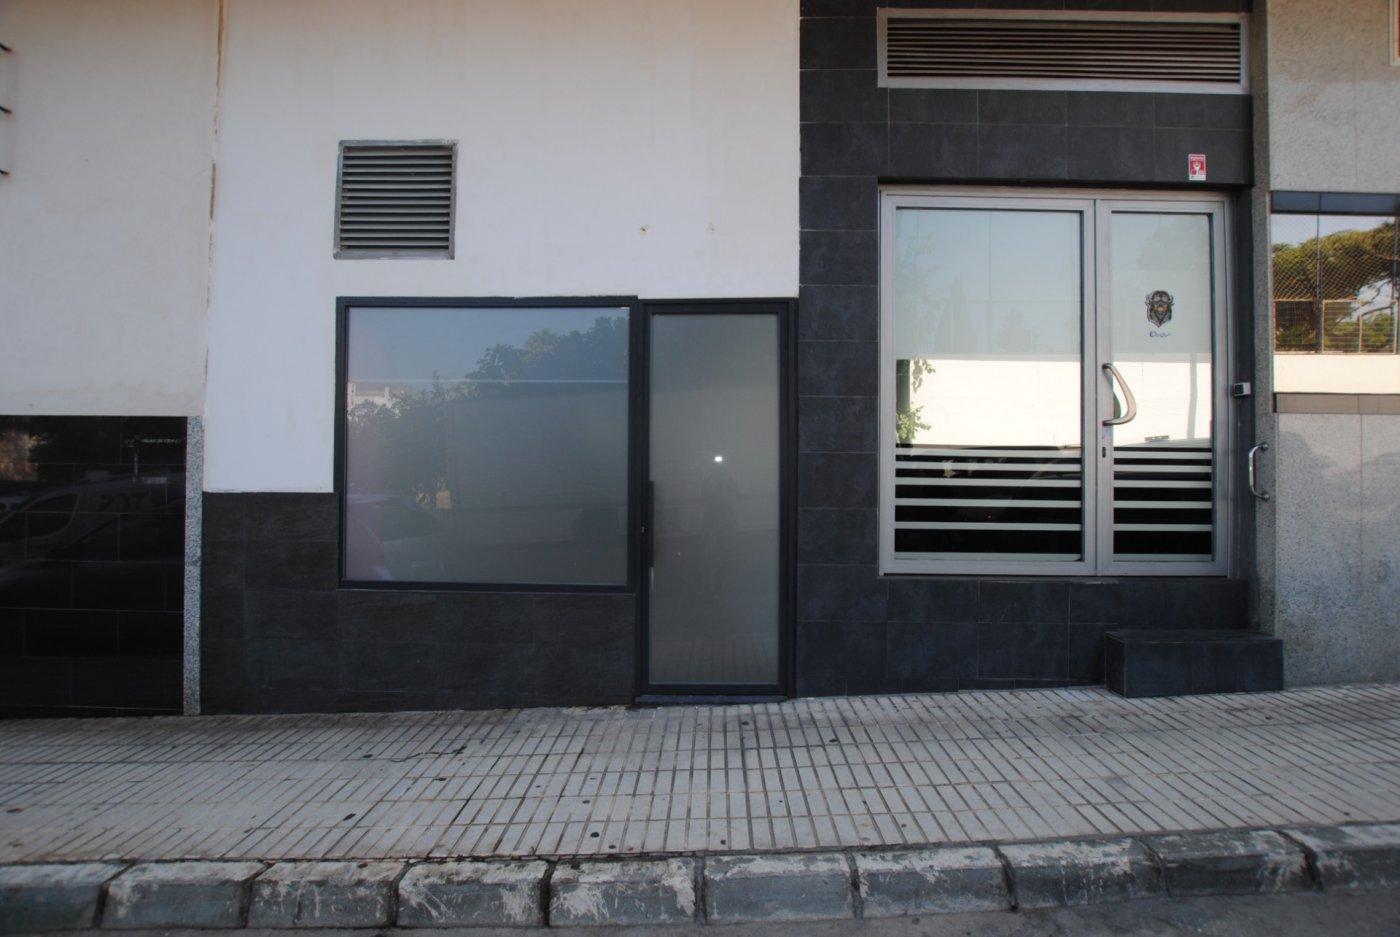 Local Comercial · Fuengirola · Plaza De La Hispanidad 125.000€€